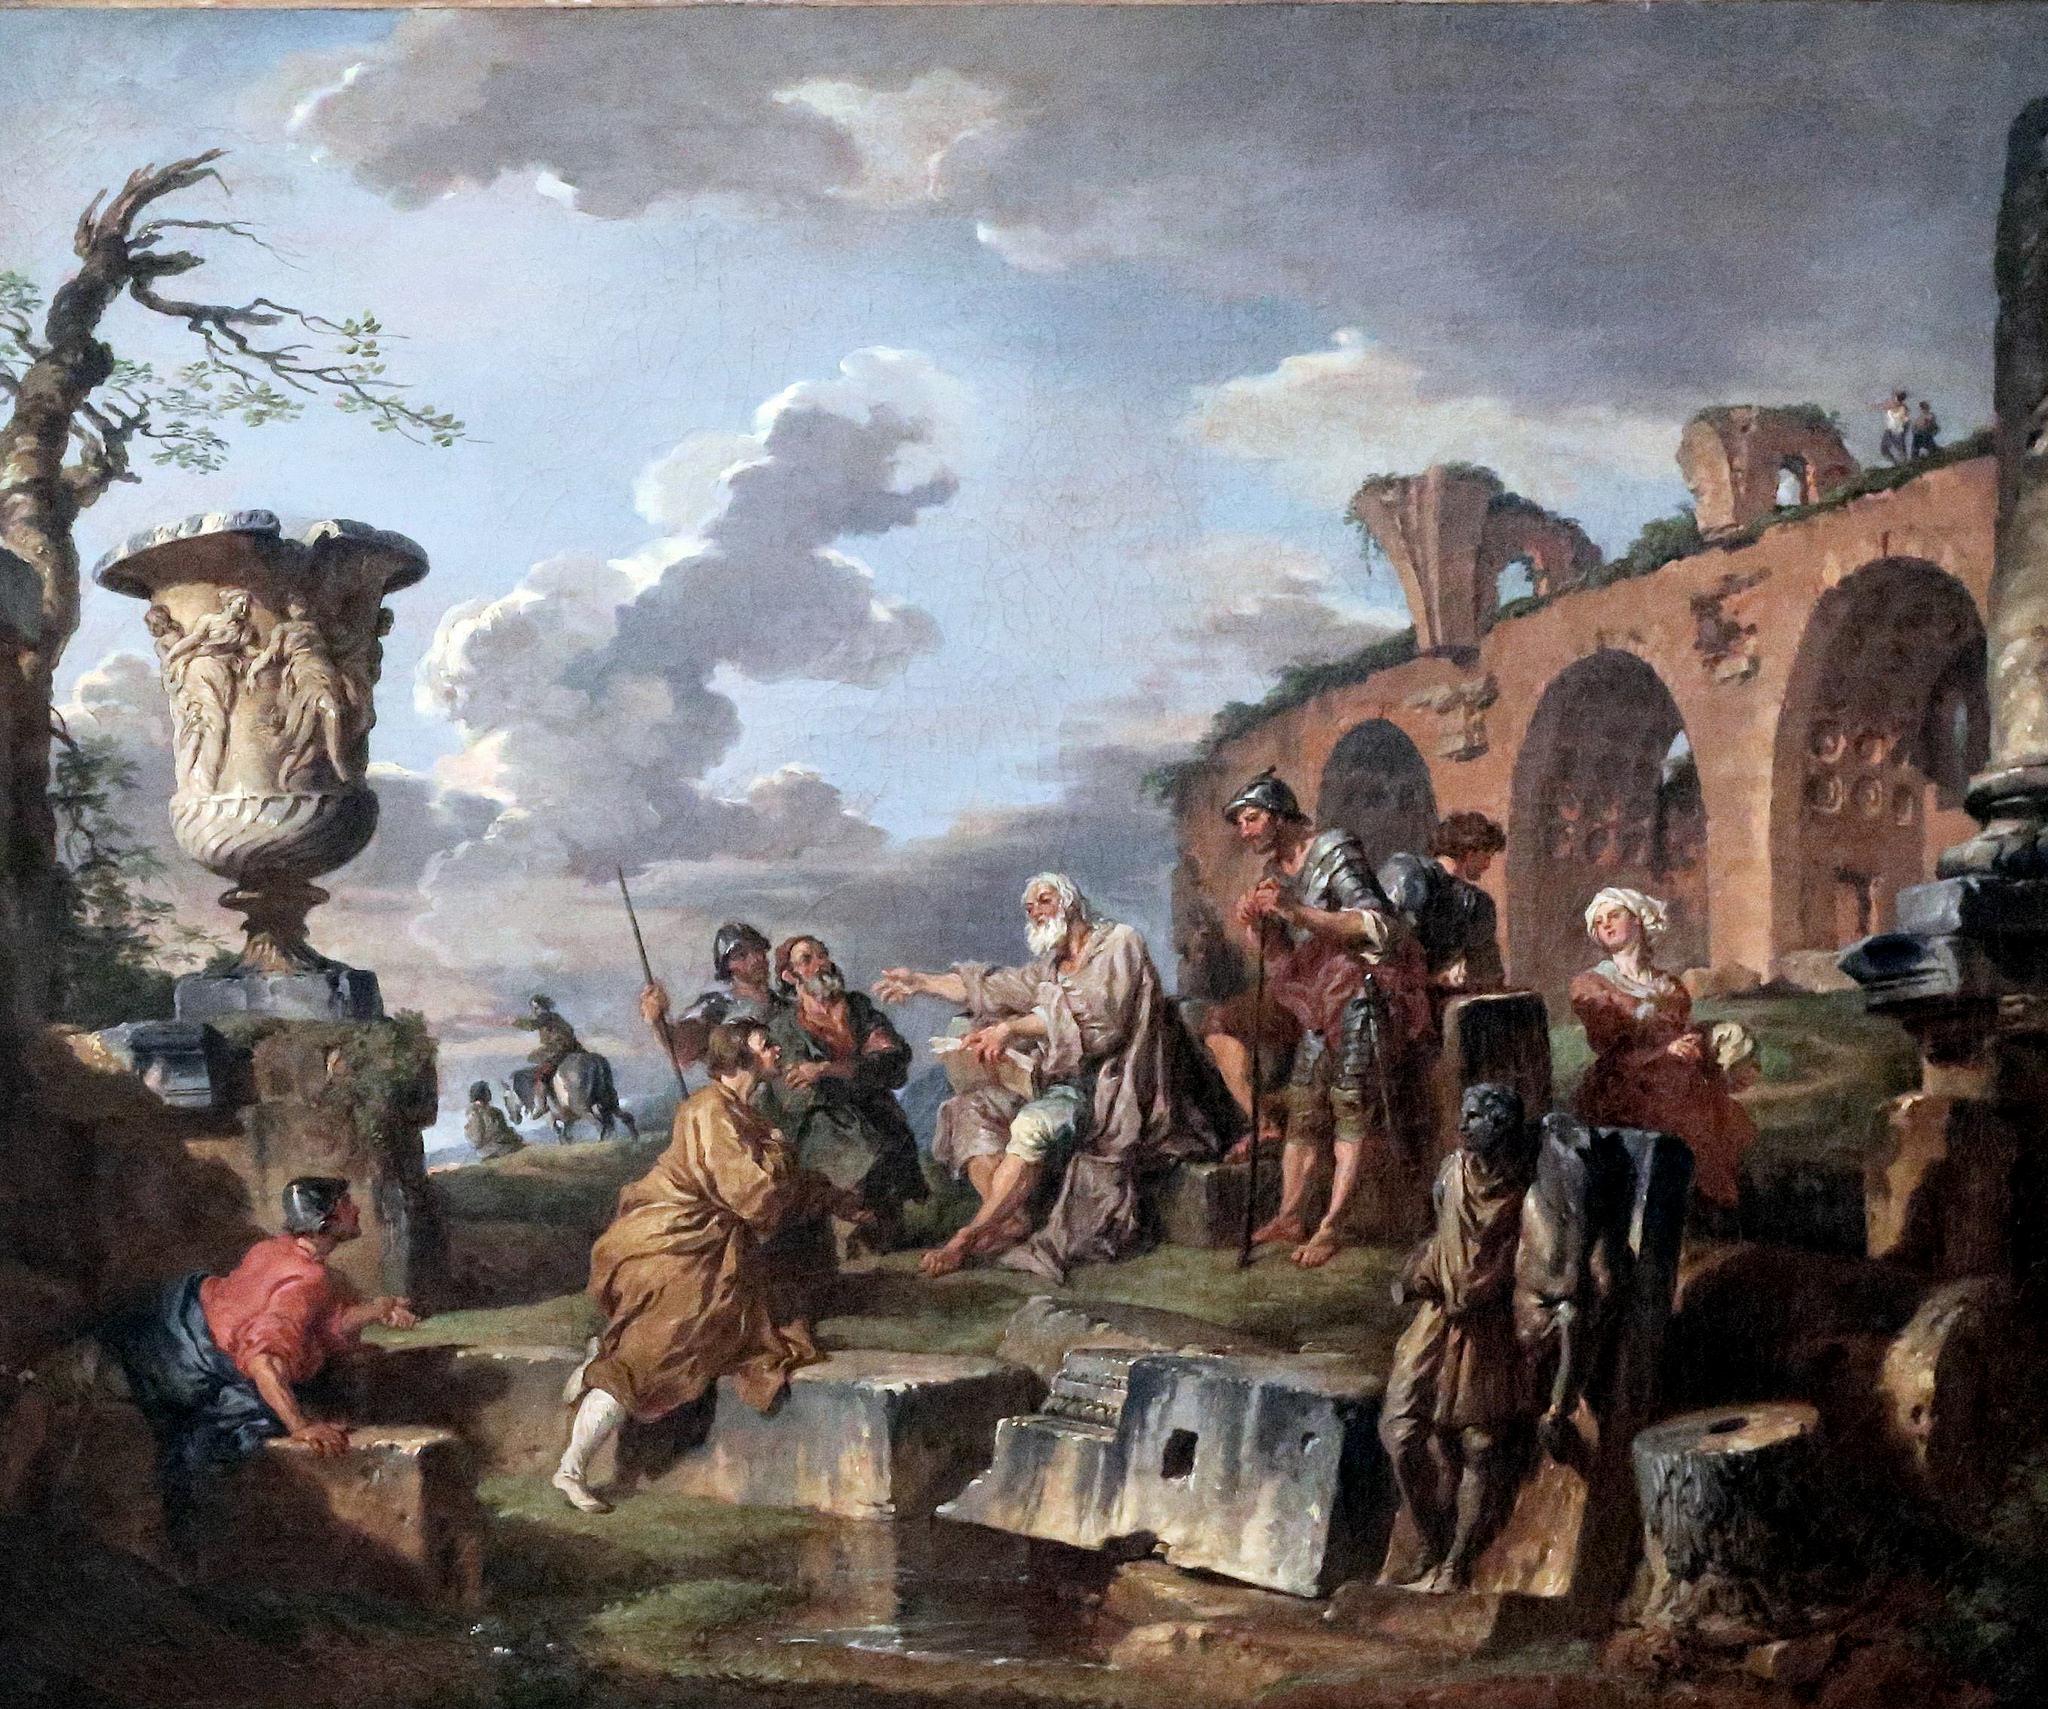 panini-1742-predication-de-saint-pierre-grenoble-musee-des-beaux-arts